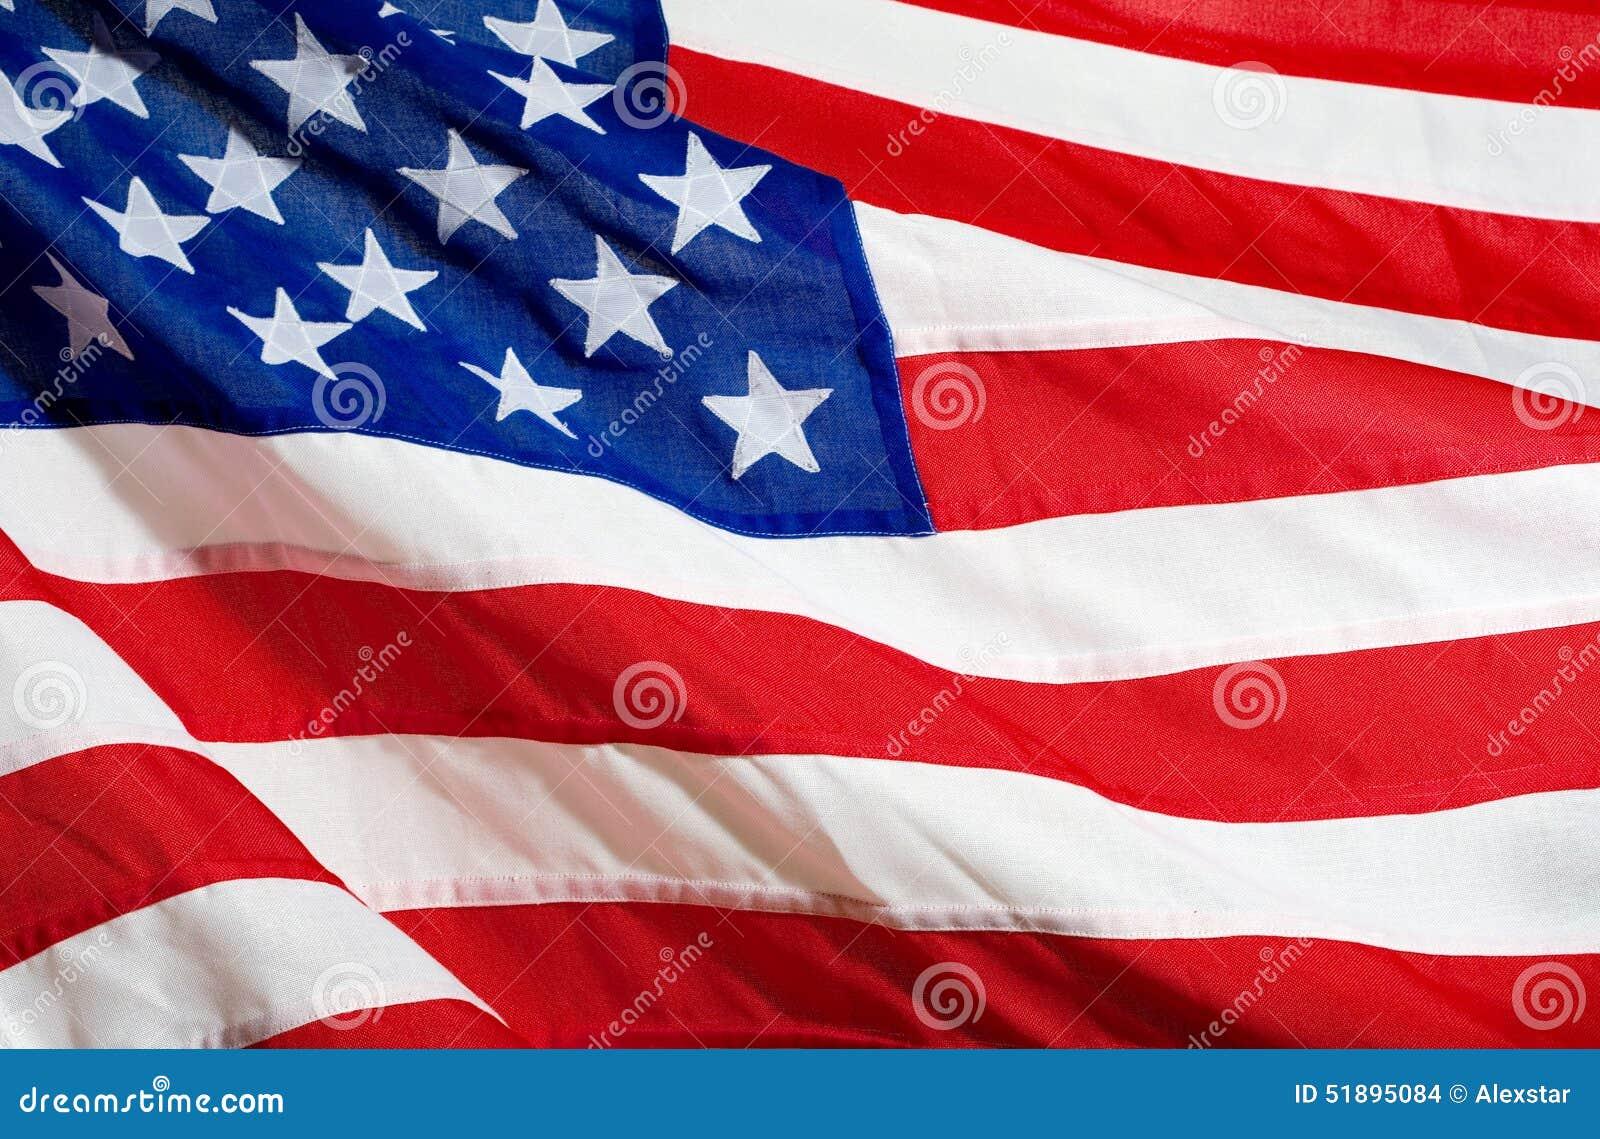 21e908077e51 American Flag stock photo. Image of freedom